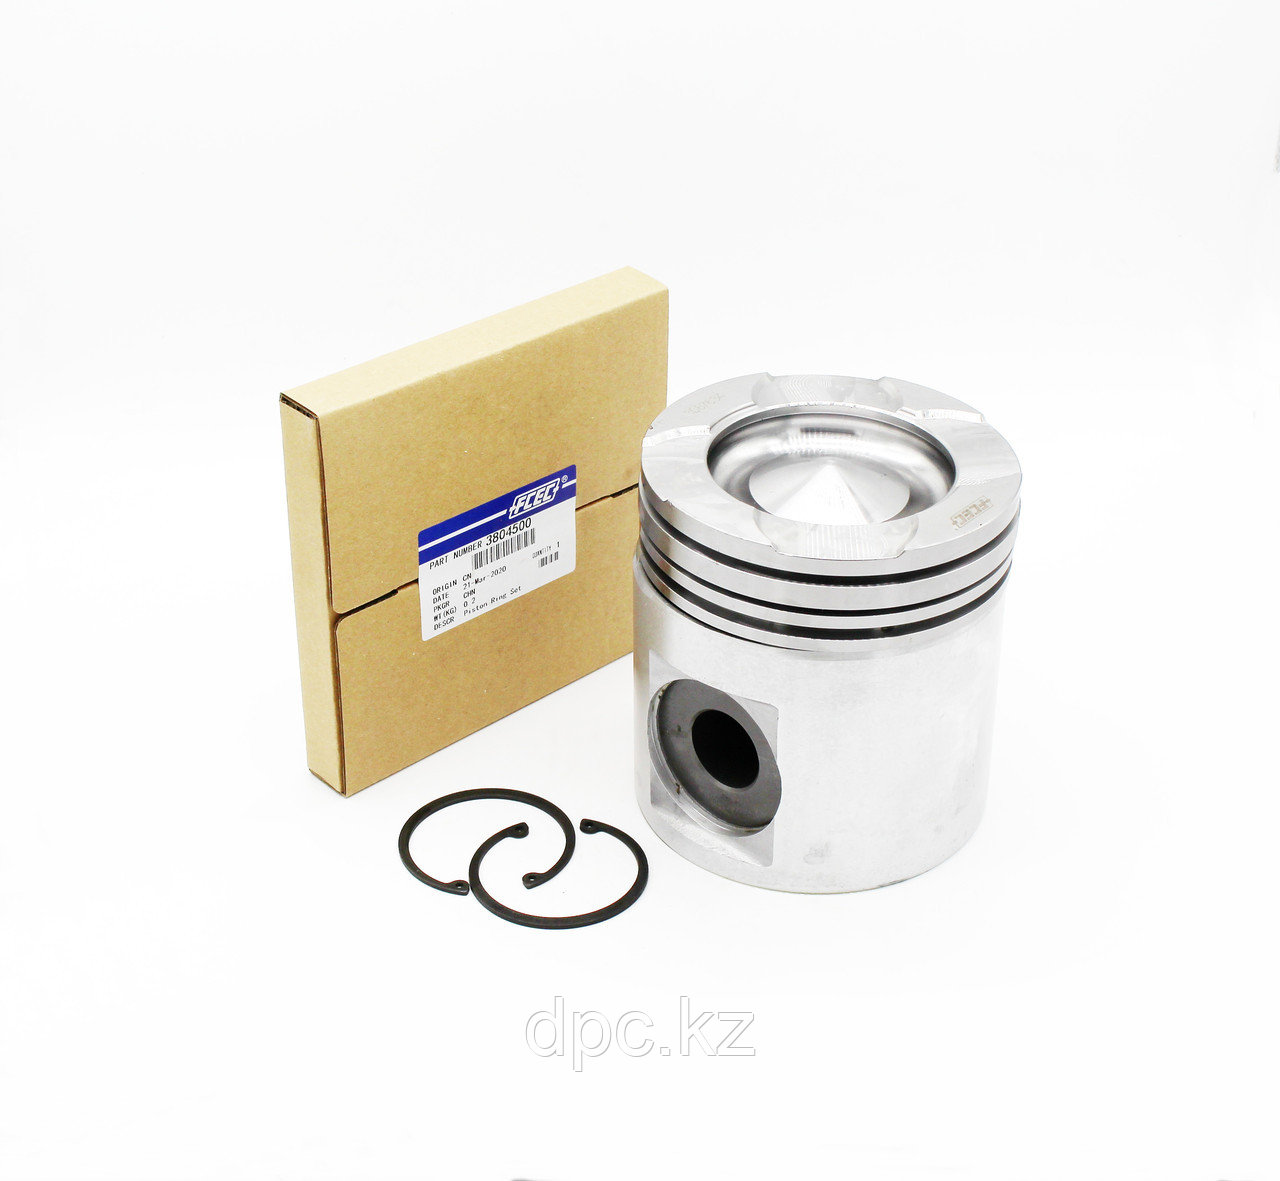 Поршневой комплект FCEC для Cummins N14 3803741 3087634 3084044